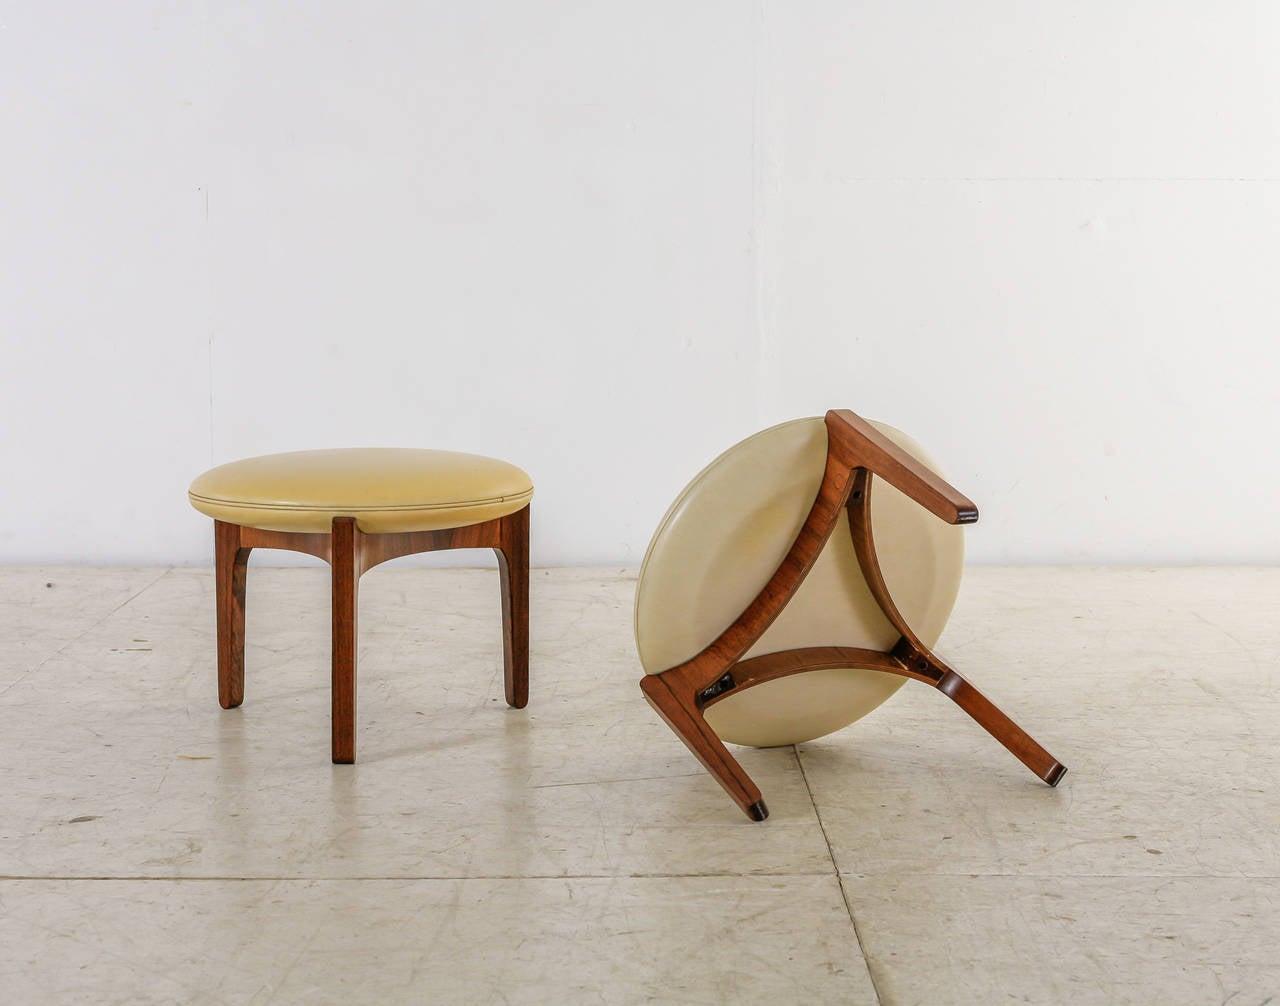 Pair of Sven Ellekaer Stools, Chr. Linneberg Møbelfabrik, Denmark, 1960s In Good Condition For Sale In Maastricht, NL